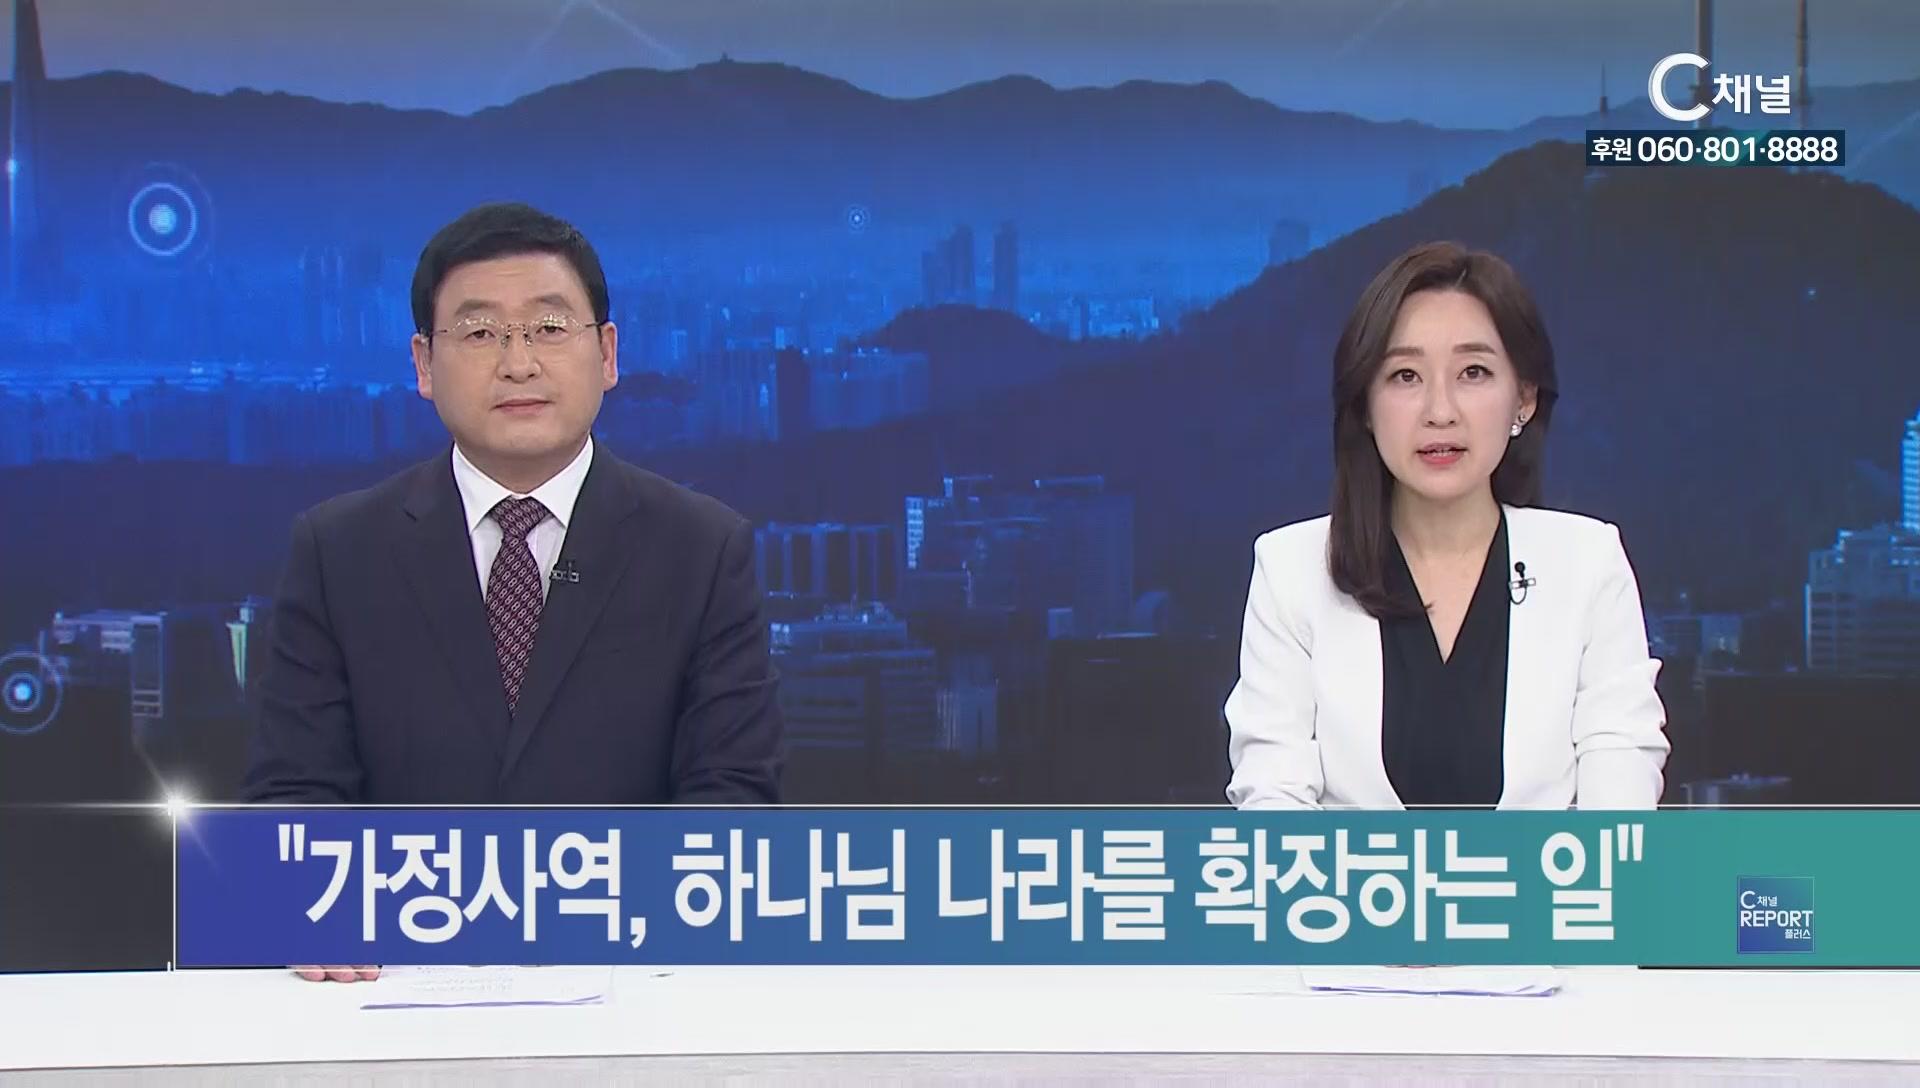 C채널 REPORT 플러스 2019년 11월 15일 C채널 뉴스